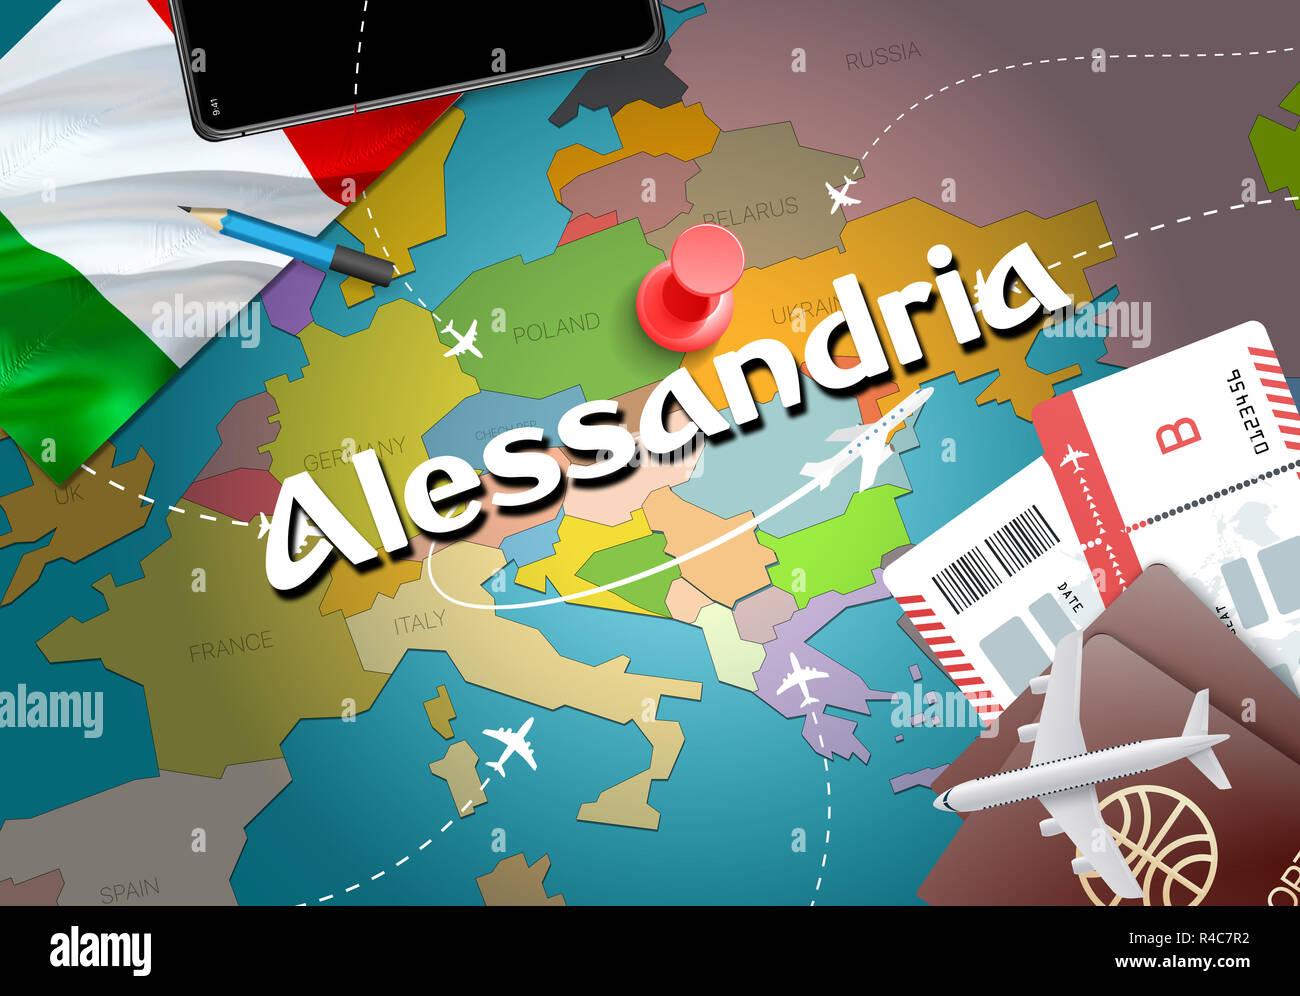 Alessandria City Travel And Tourism Destination Concept